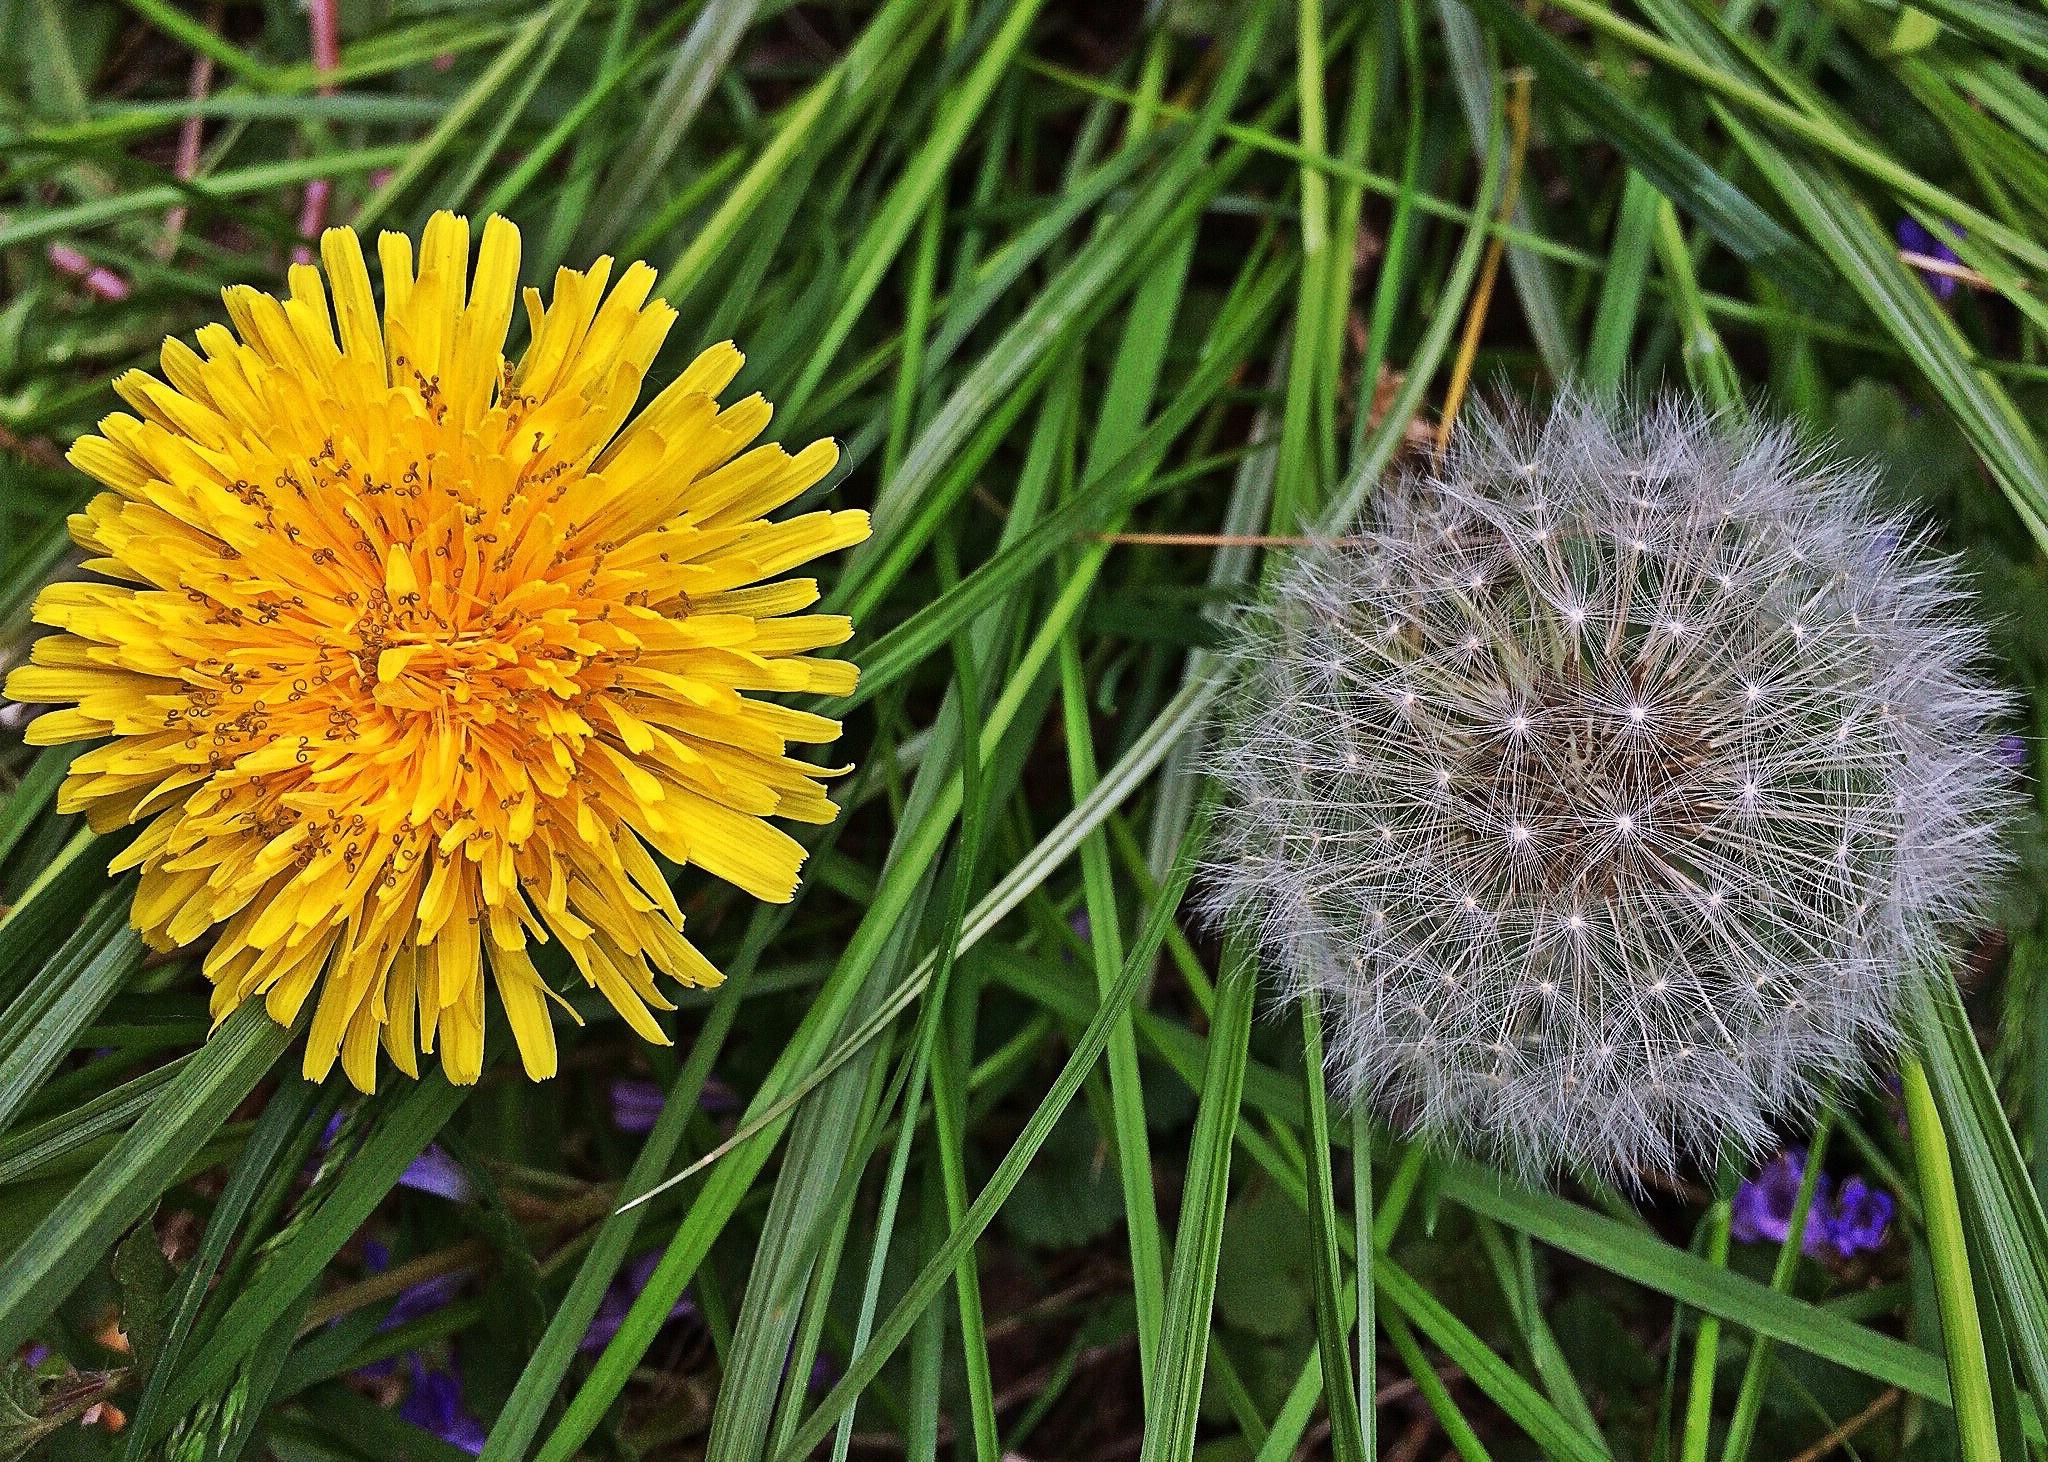 цветы одуванчик картинка